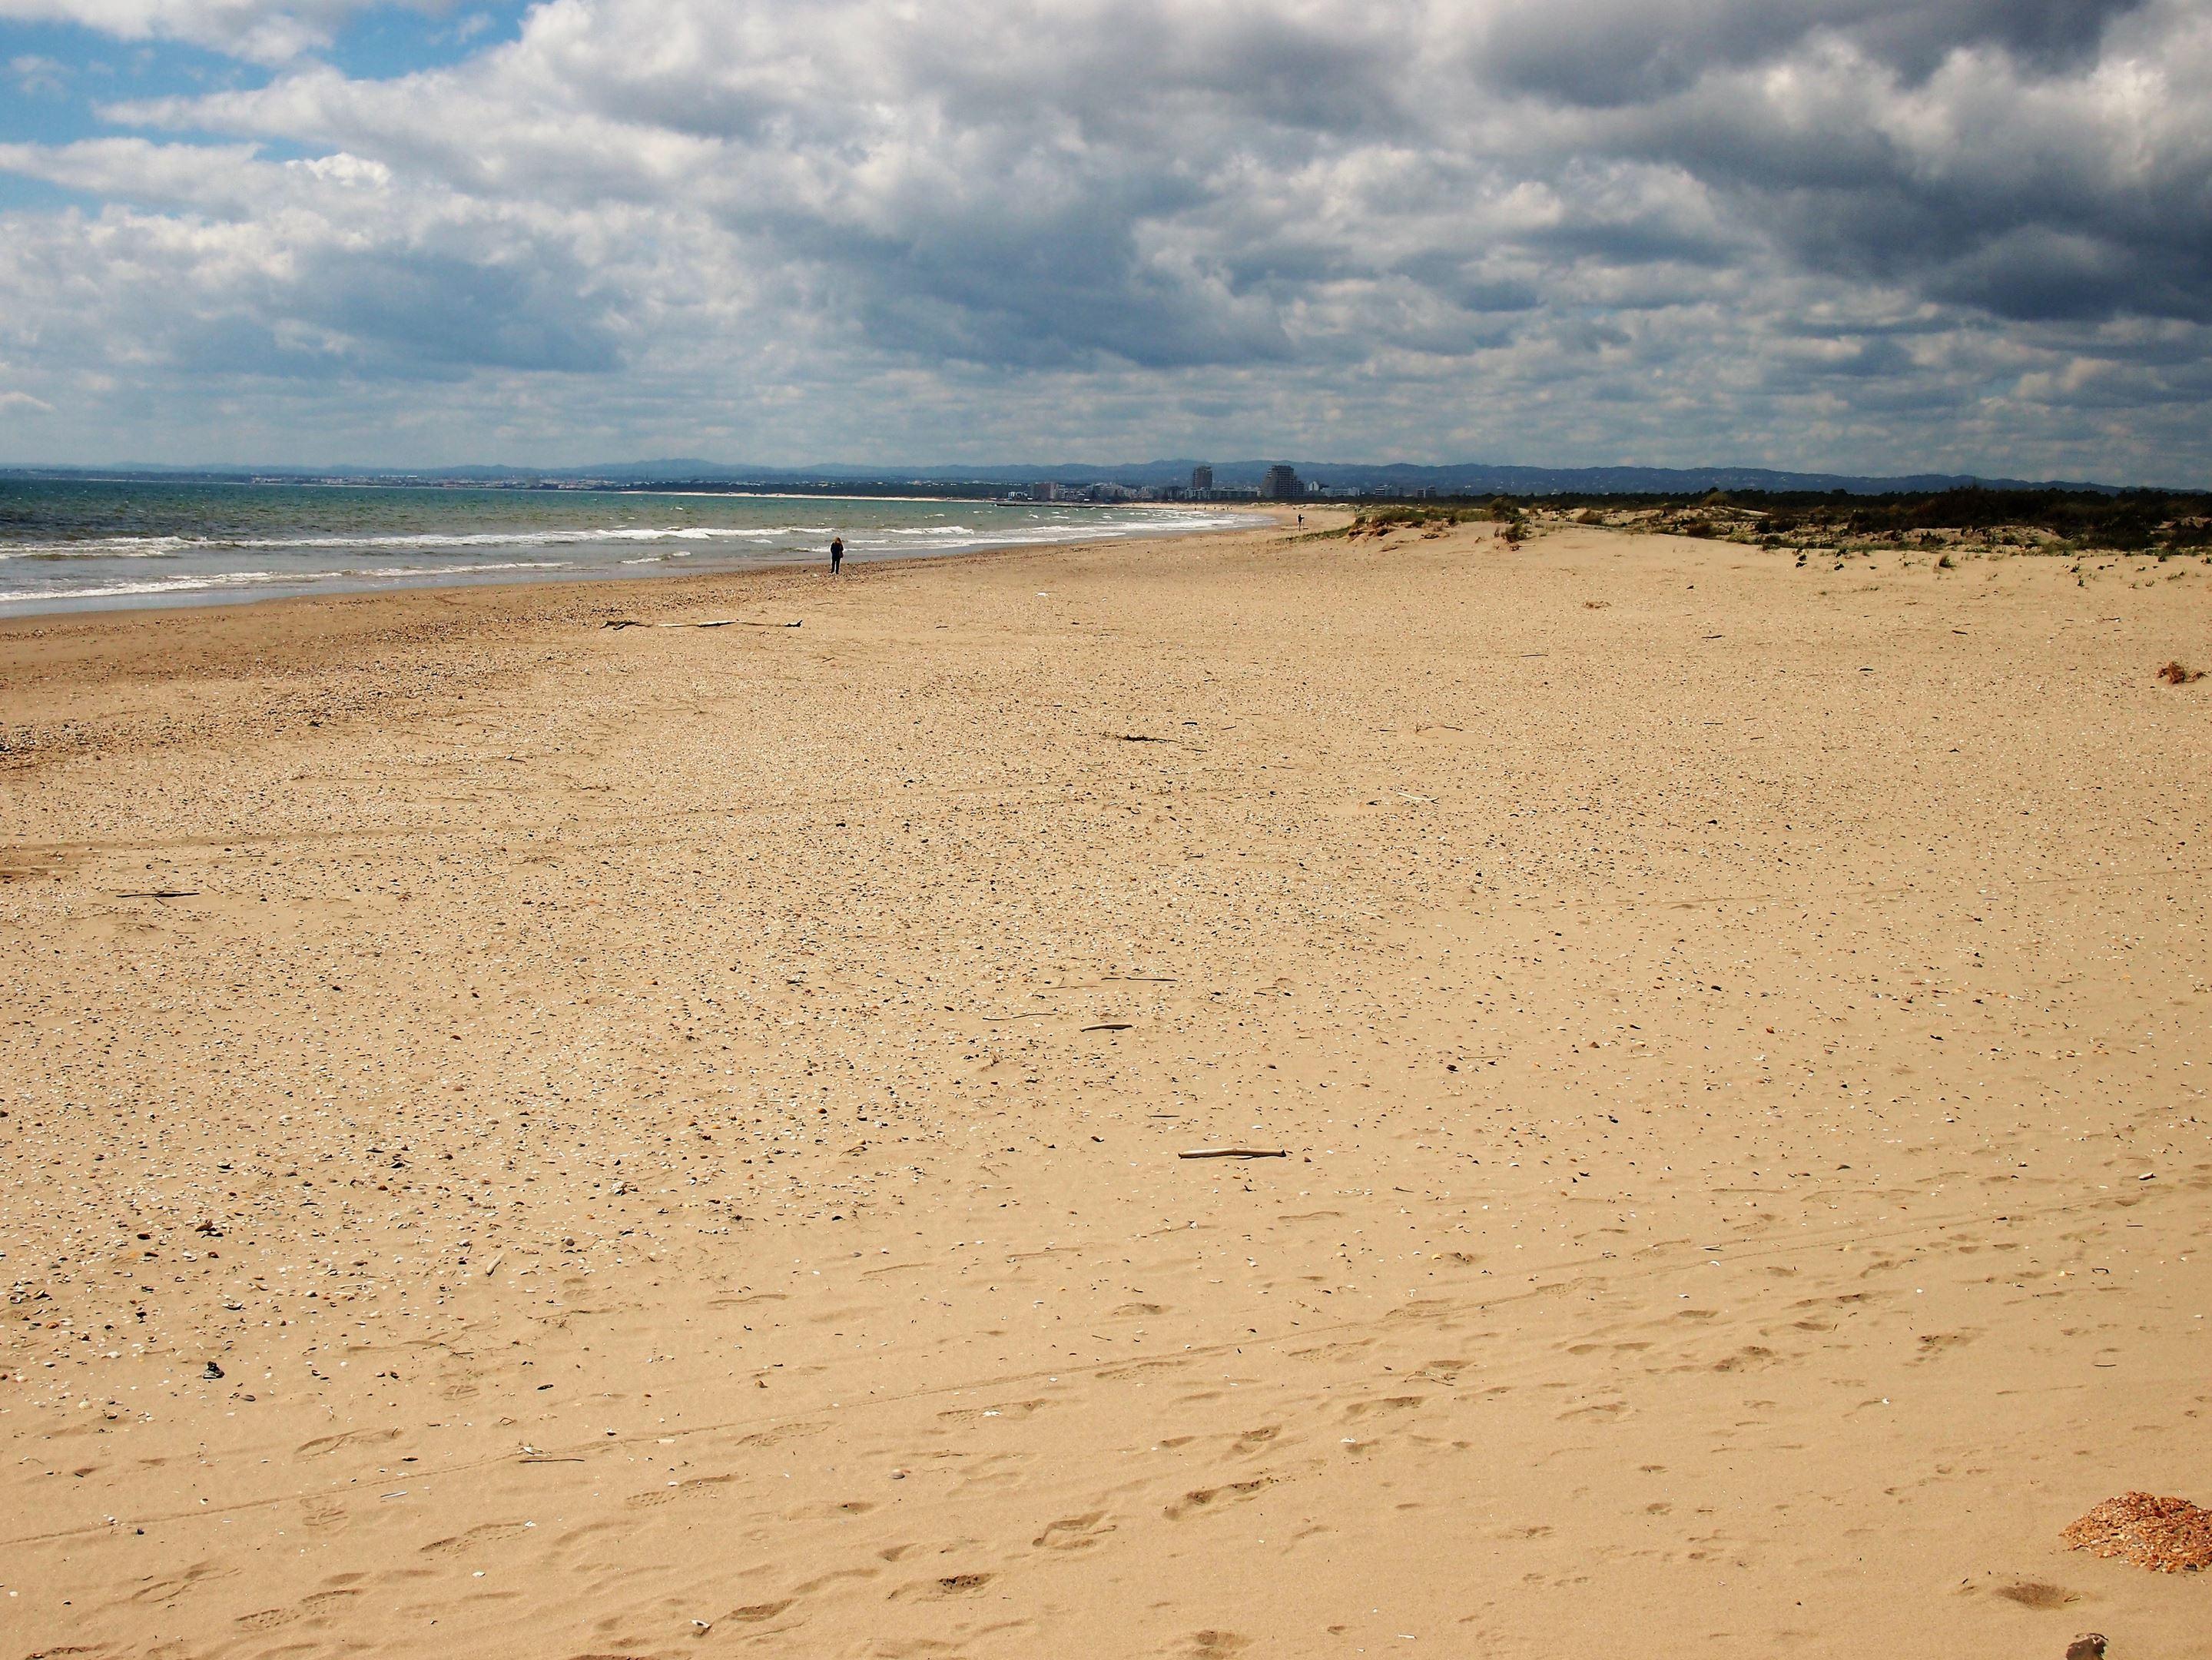 Praia de Santo António. It's a pleasant walk to reach this beach but a long walk. The tourist train is a good option.